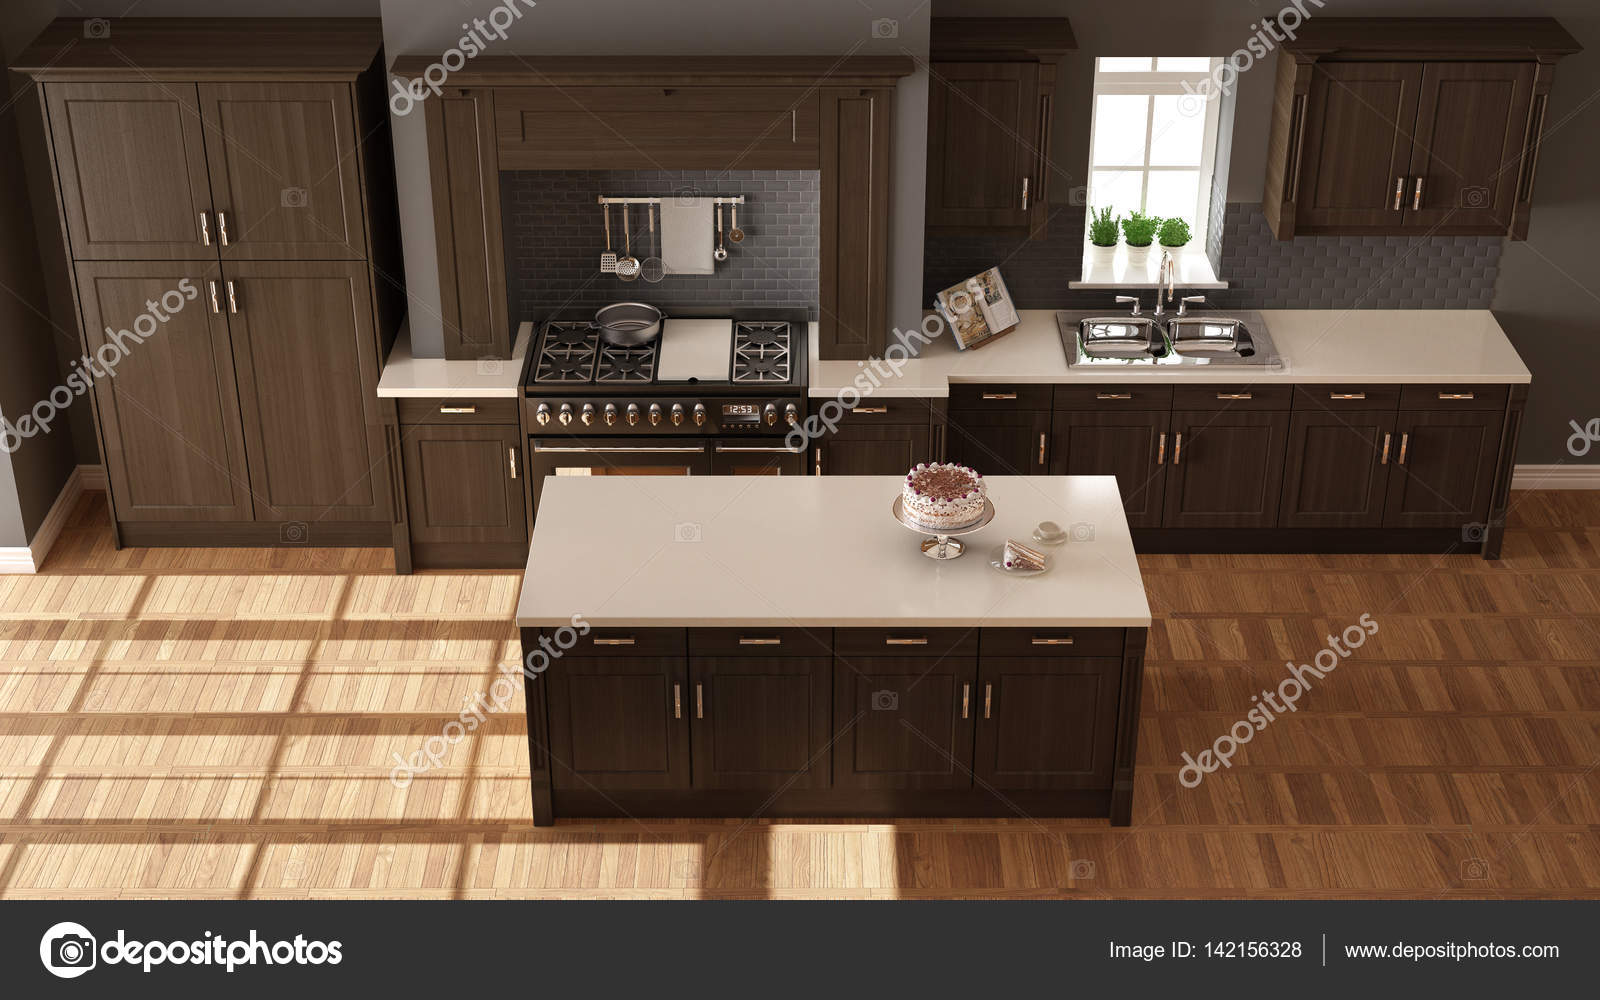 Cucine classiche, eleganti interni di design con dettagli in legno ...